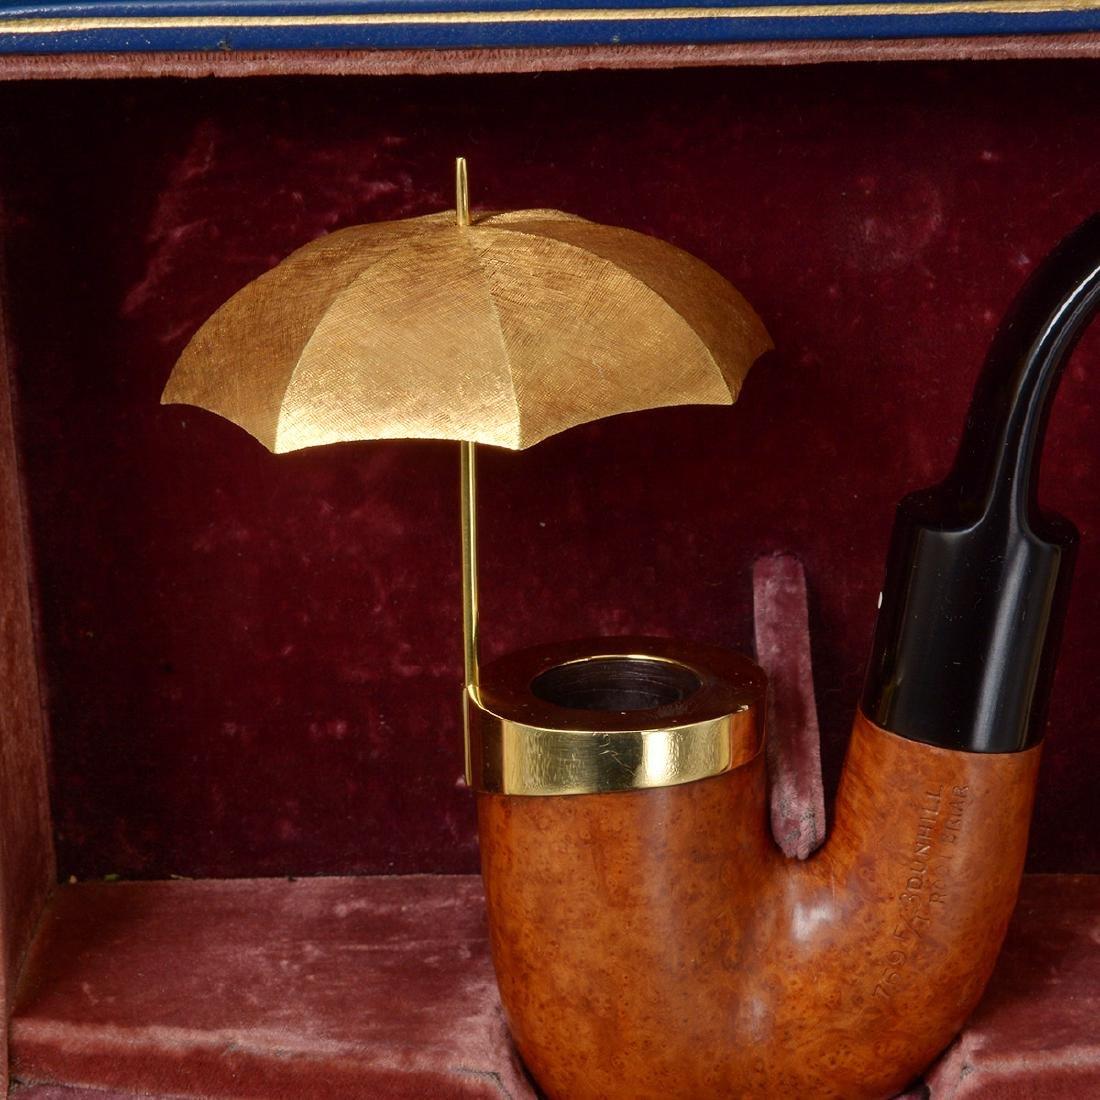 Dunhill Umbrella Pipe with Presentation Box - 3